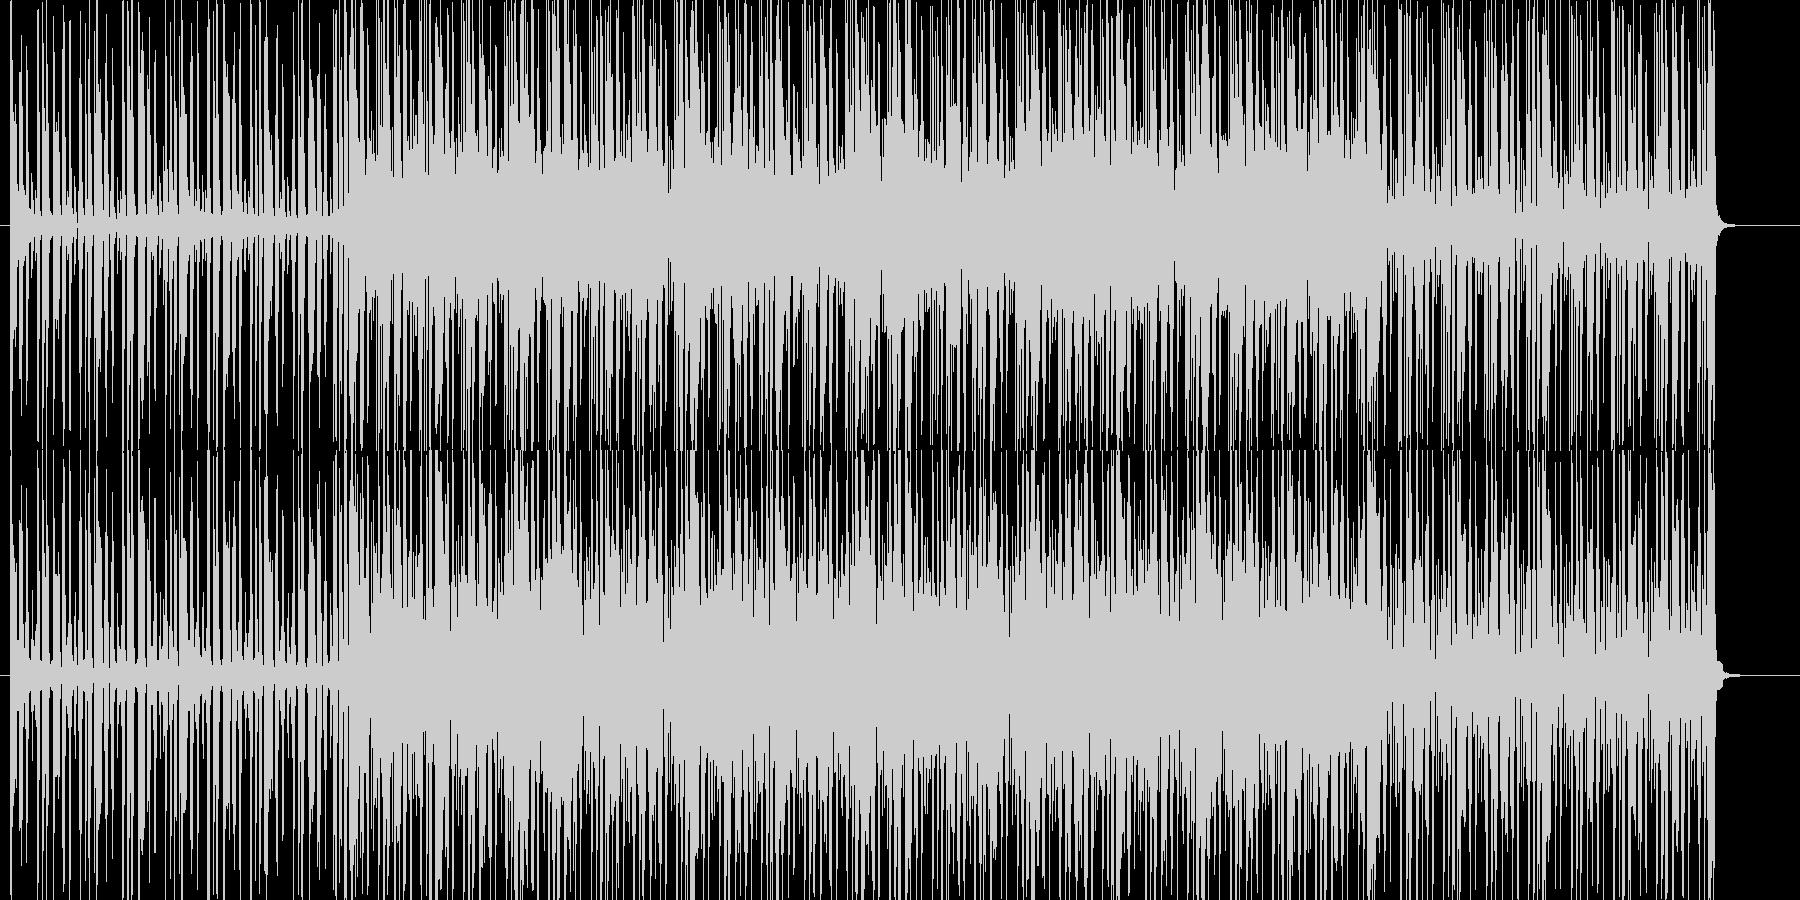 お洒落でかっこいいクラブジャズBGMの未再生の波形